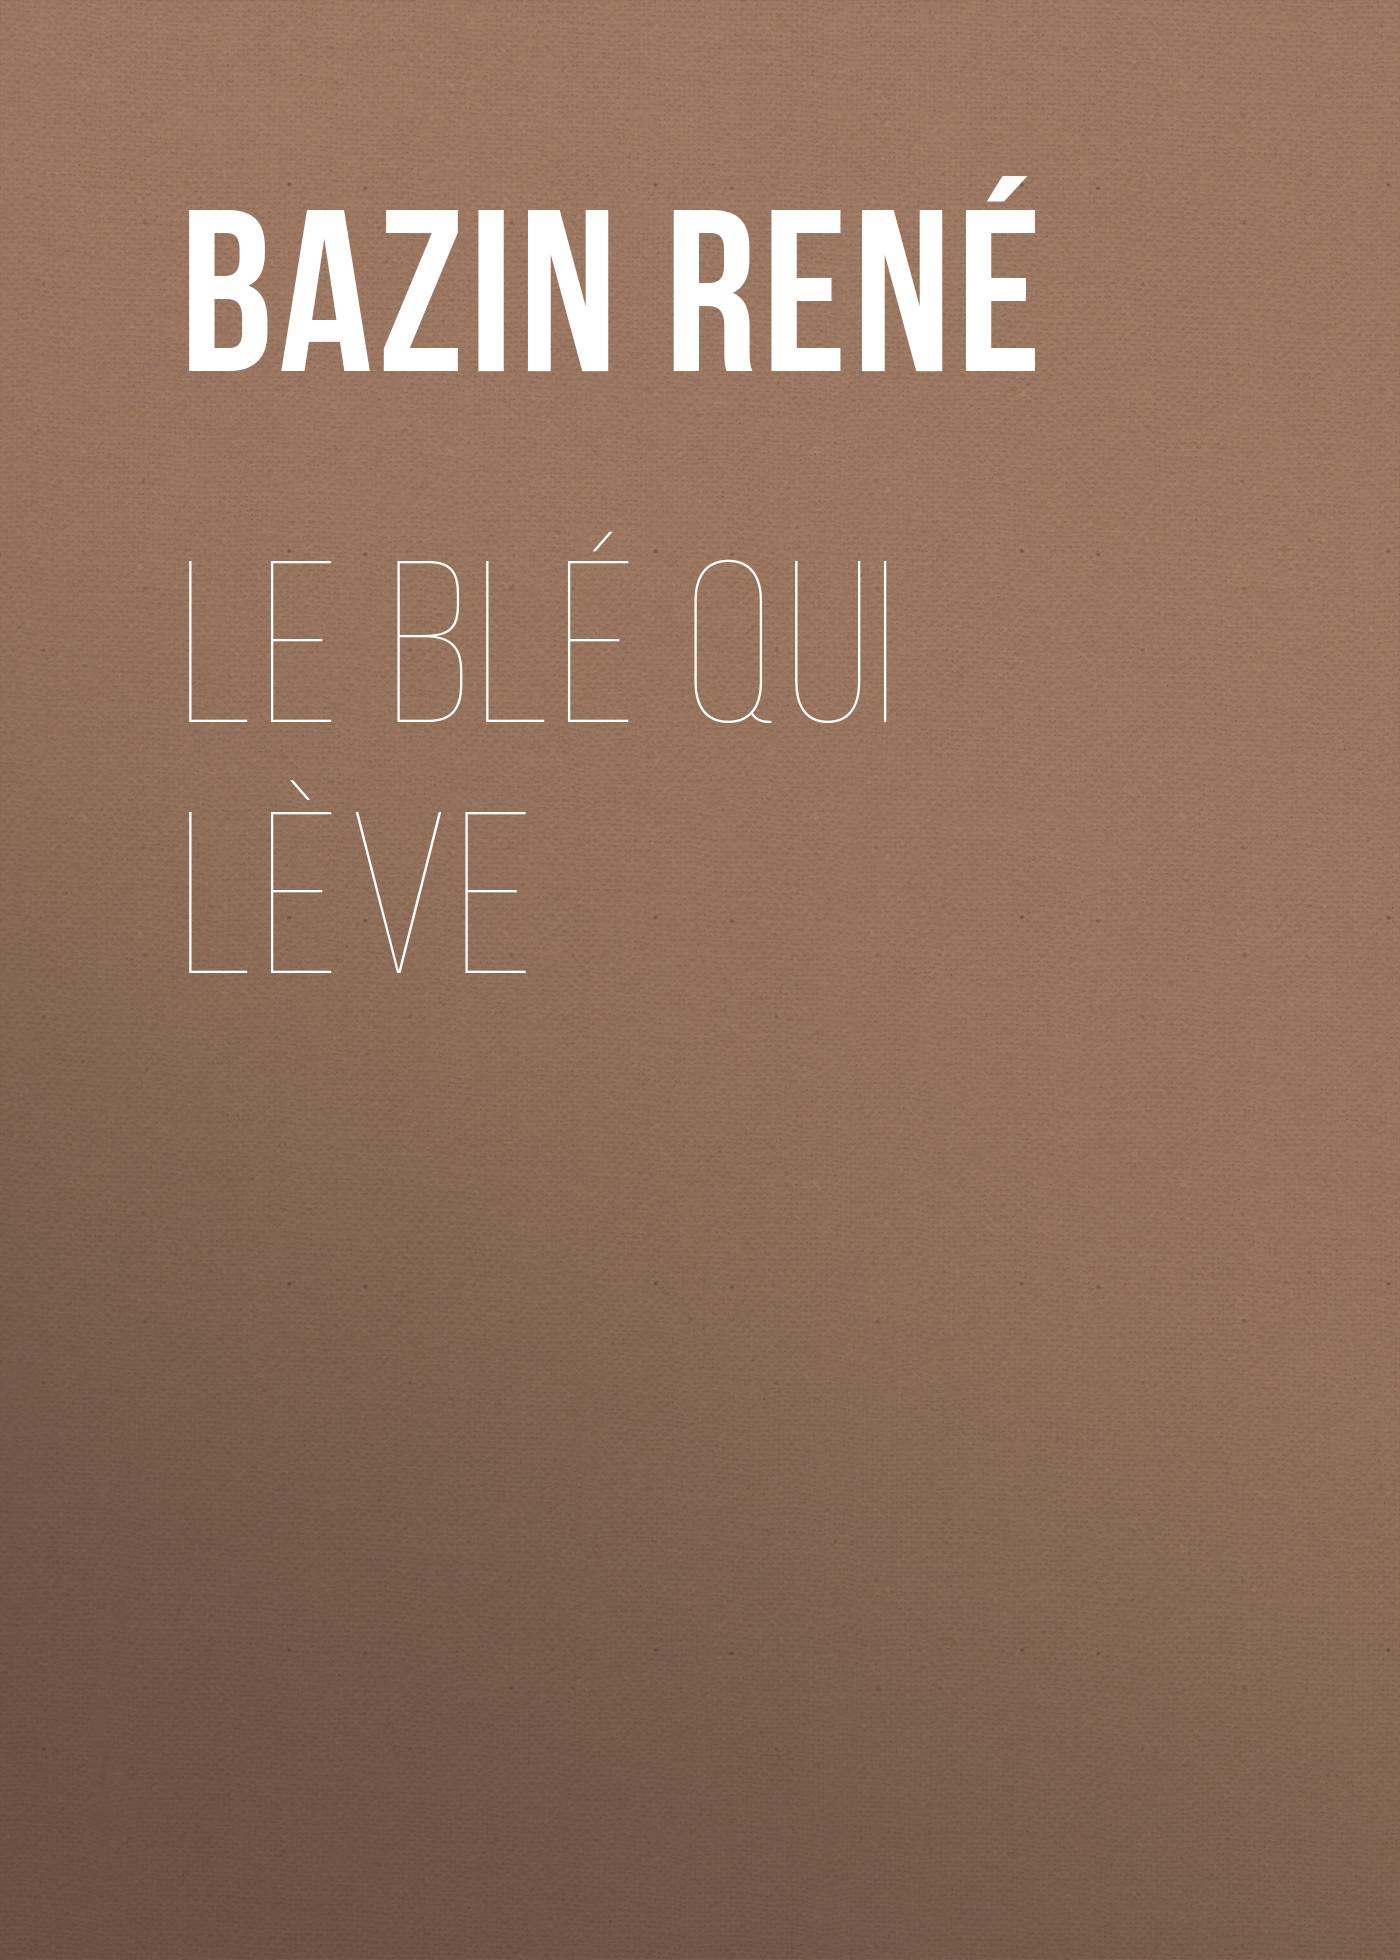 Bazin René Le Blé qui lève bazin rené the children of alsace les oberlés